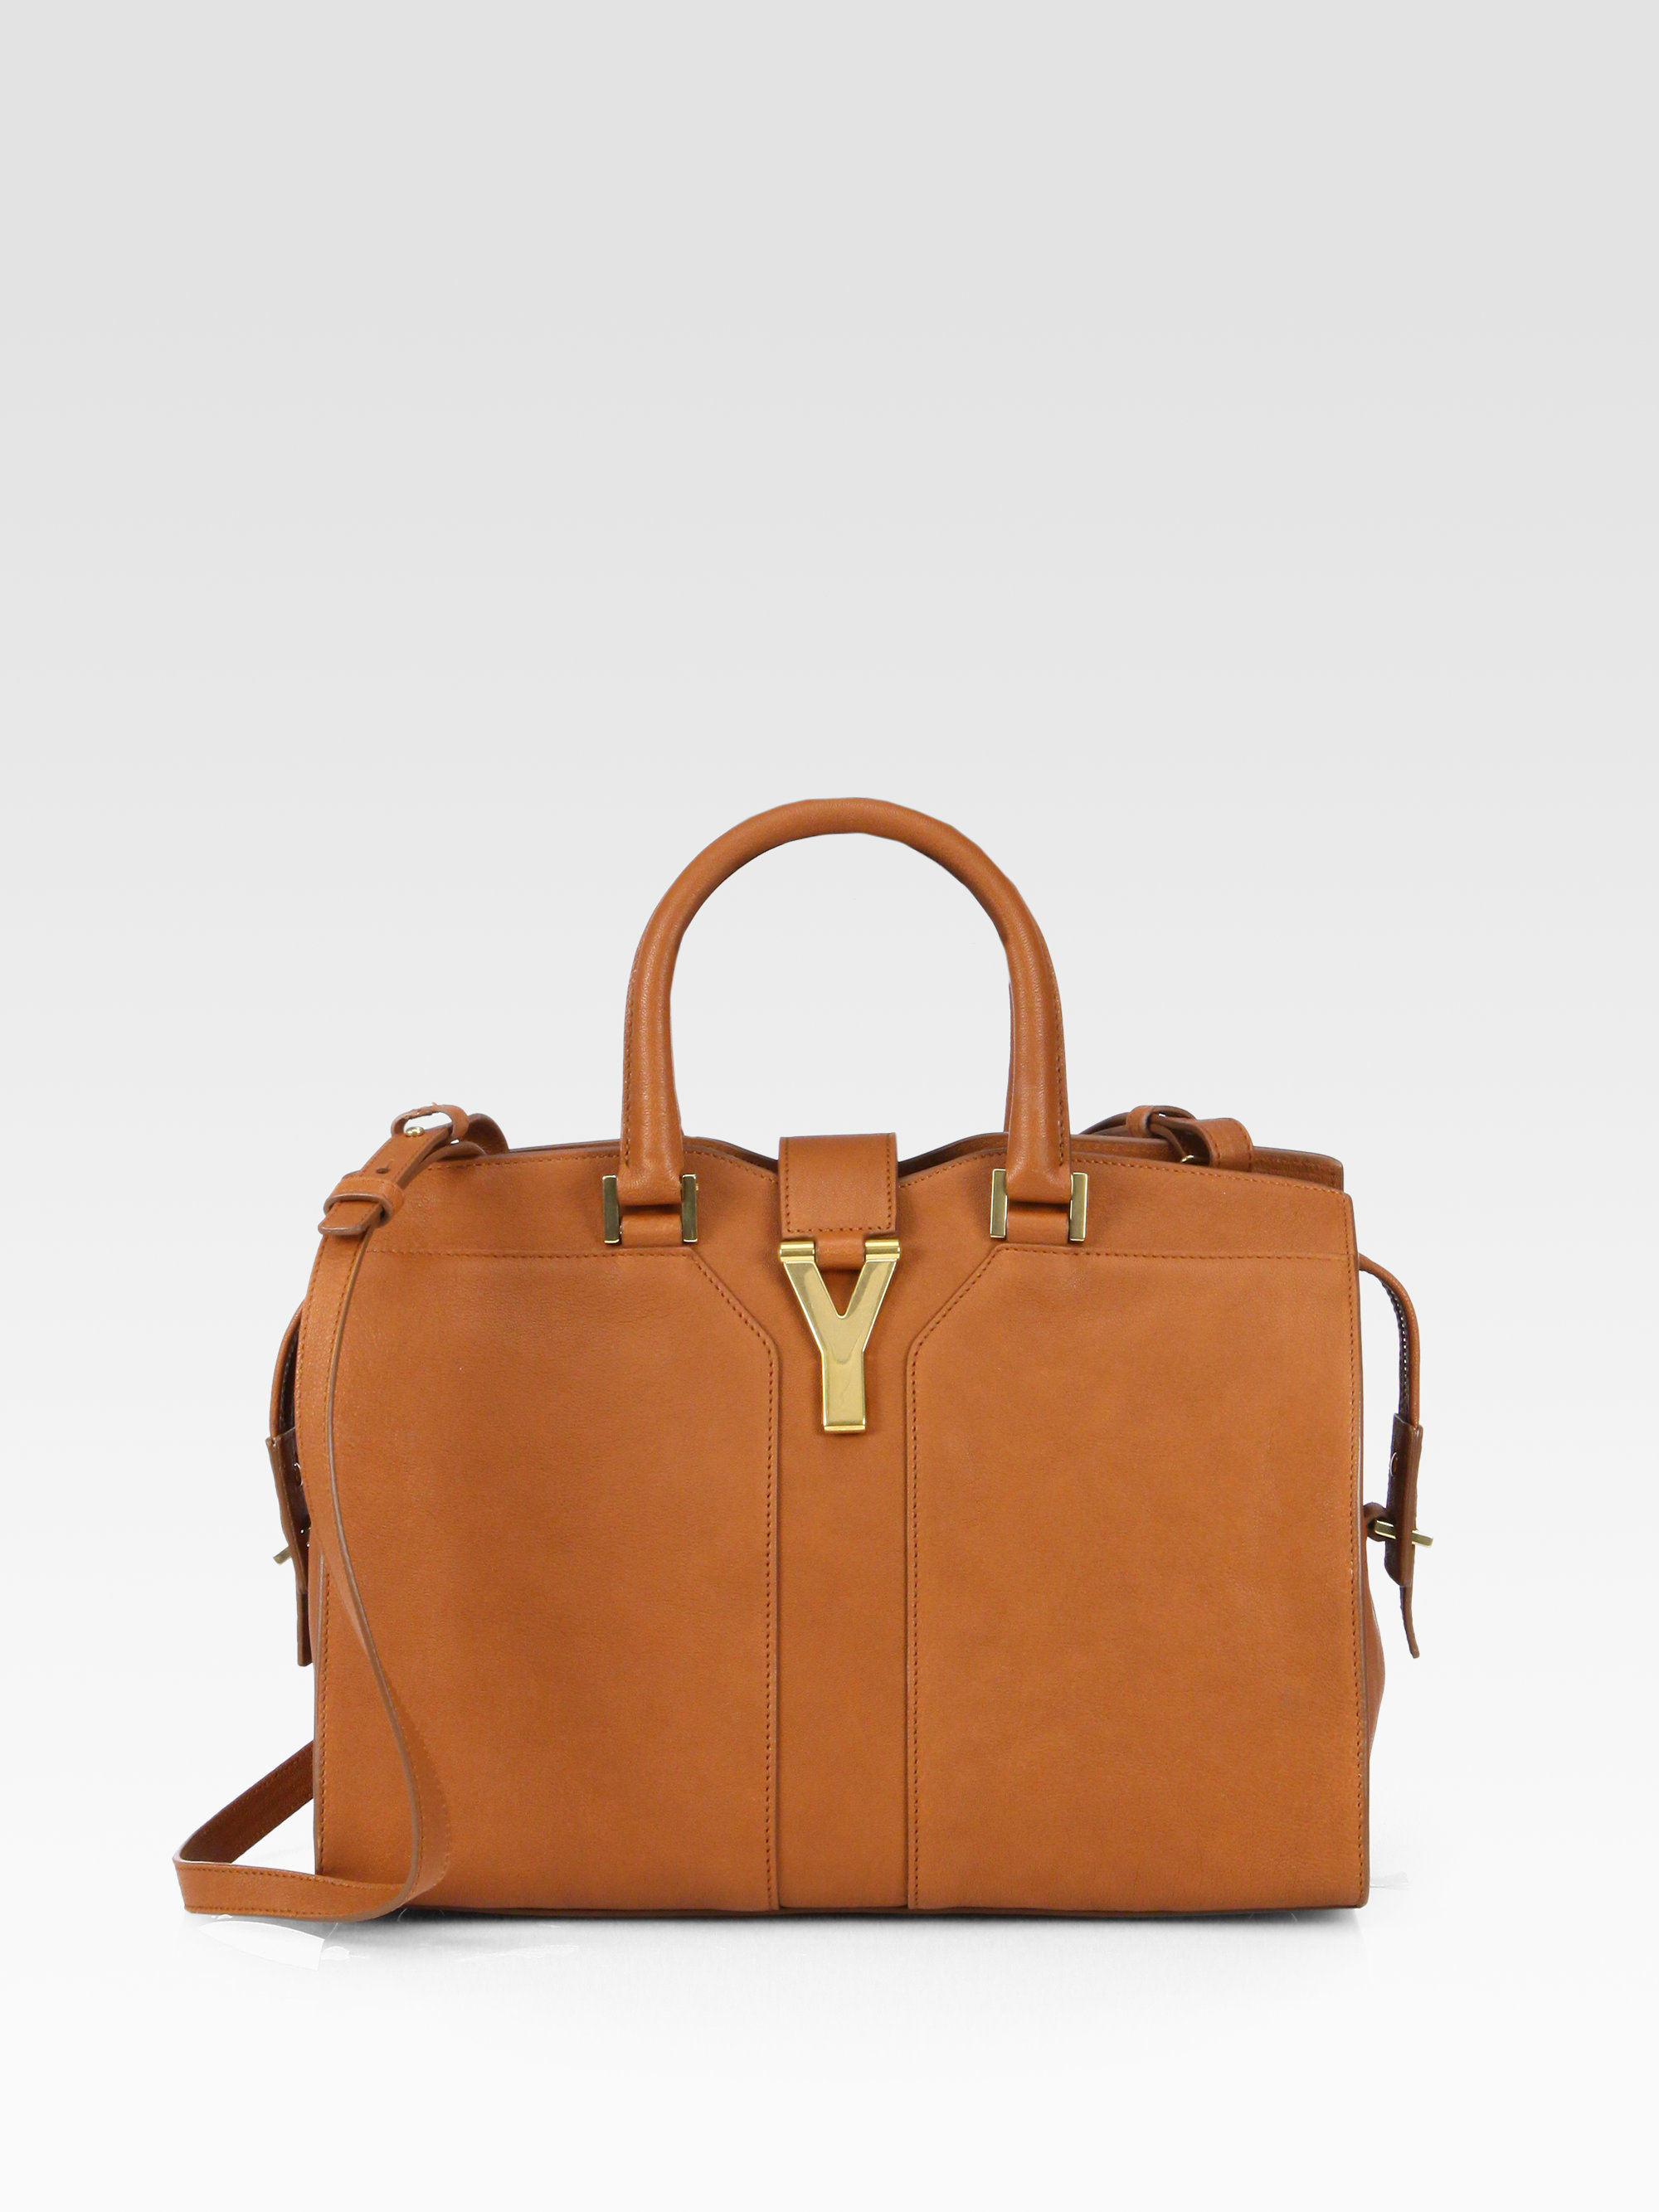 969ad9bb15fb Lyst - Saint Laurent Ysl Petite Cabas Top Handle Bag in Brown